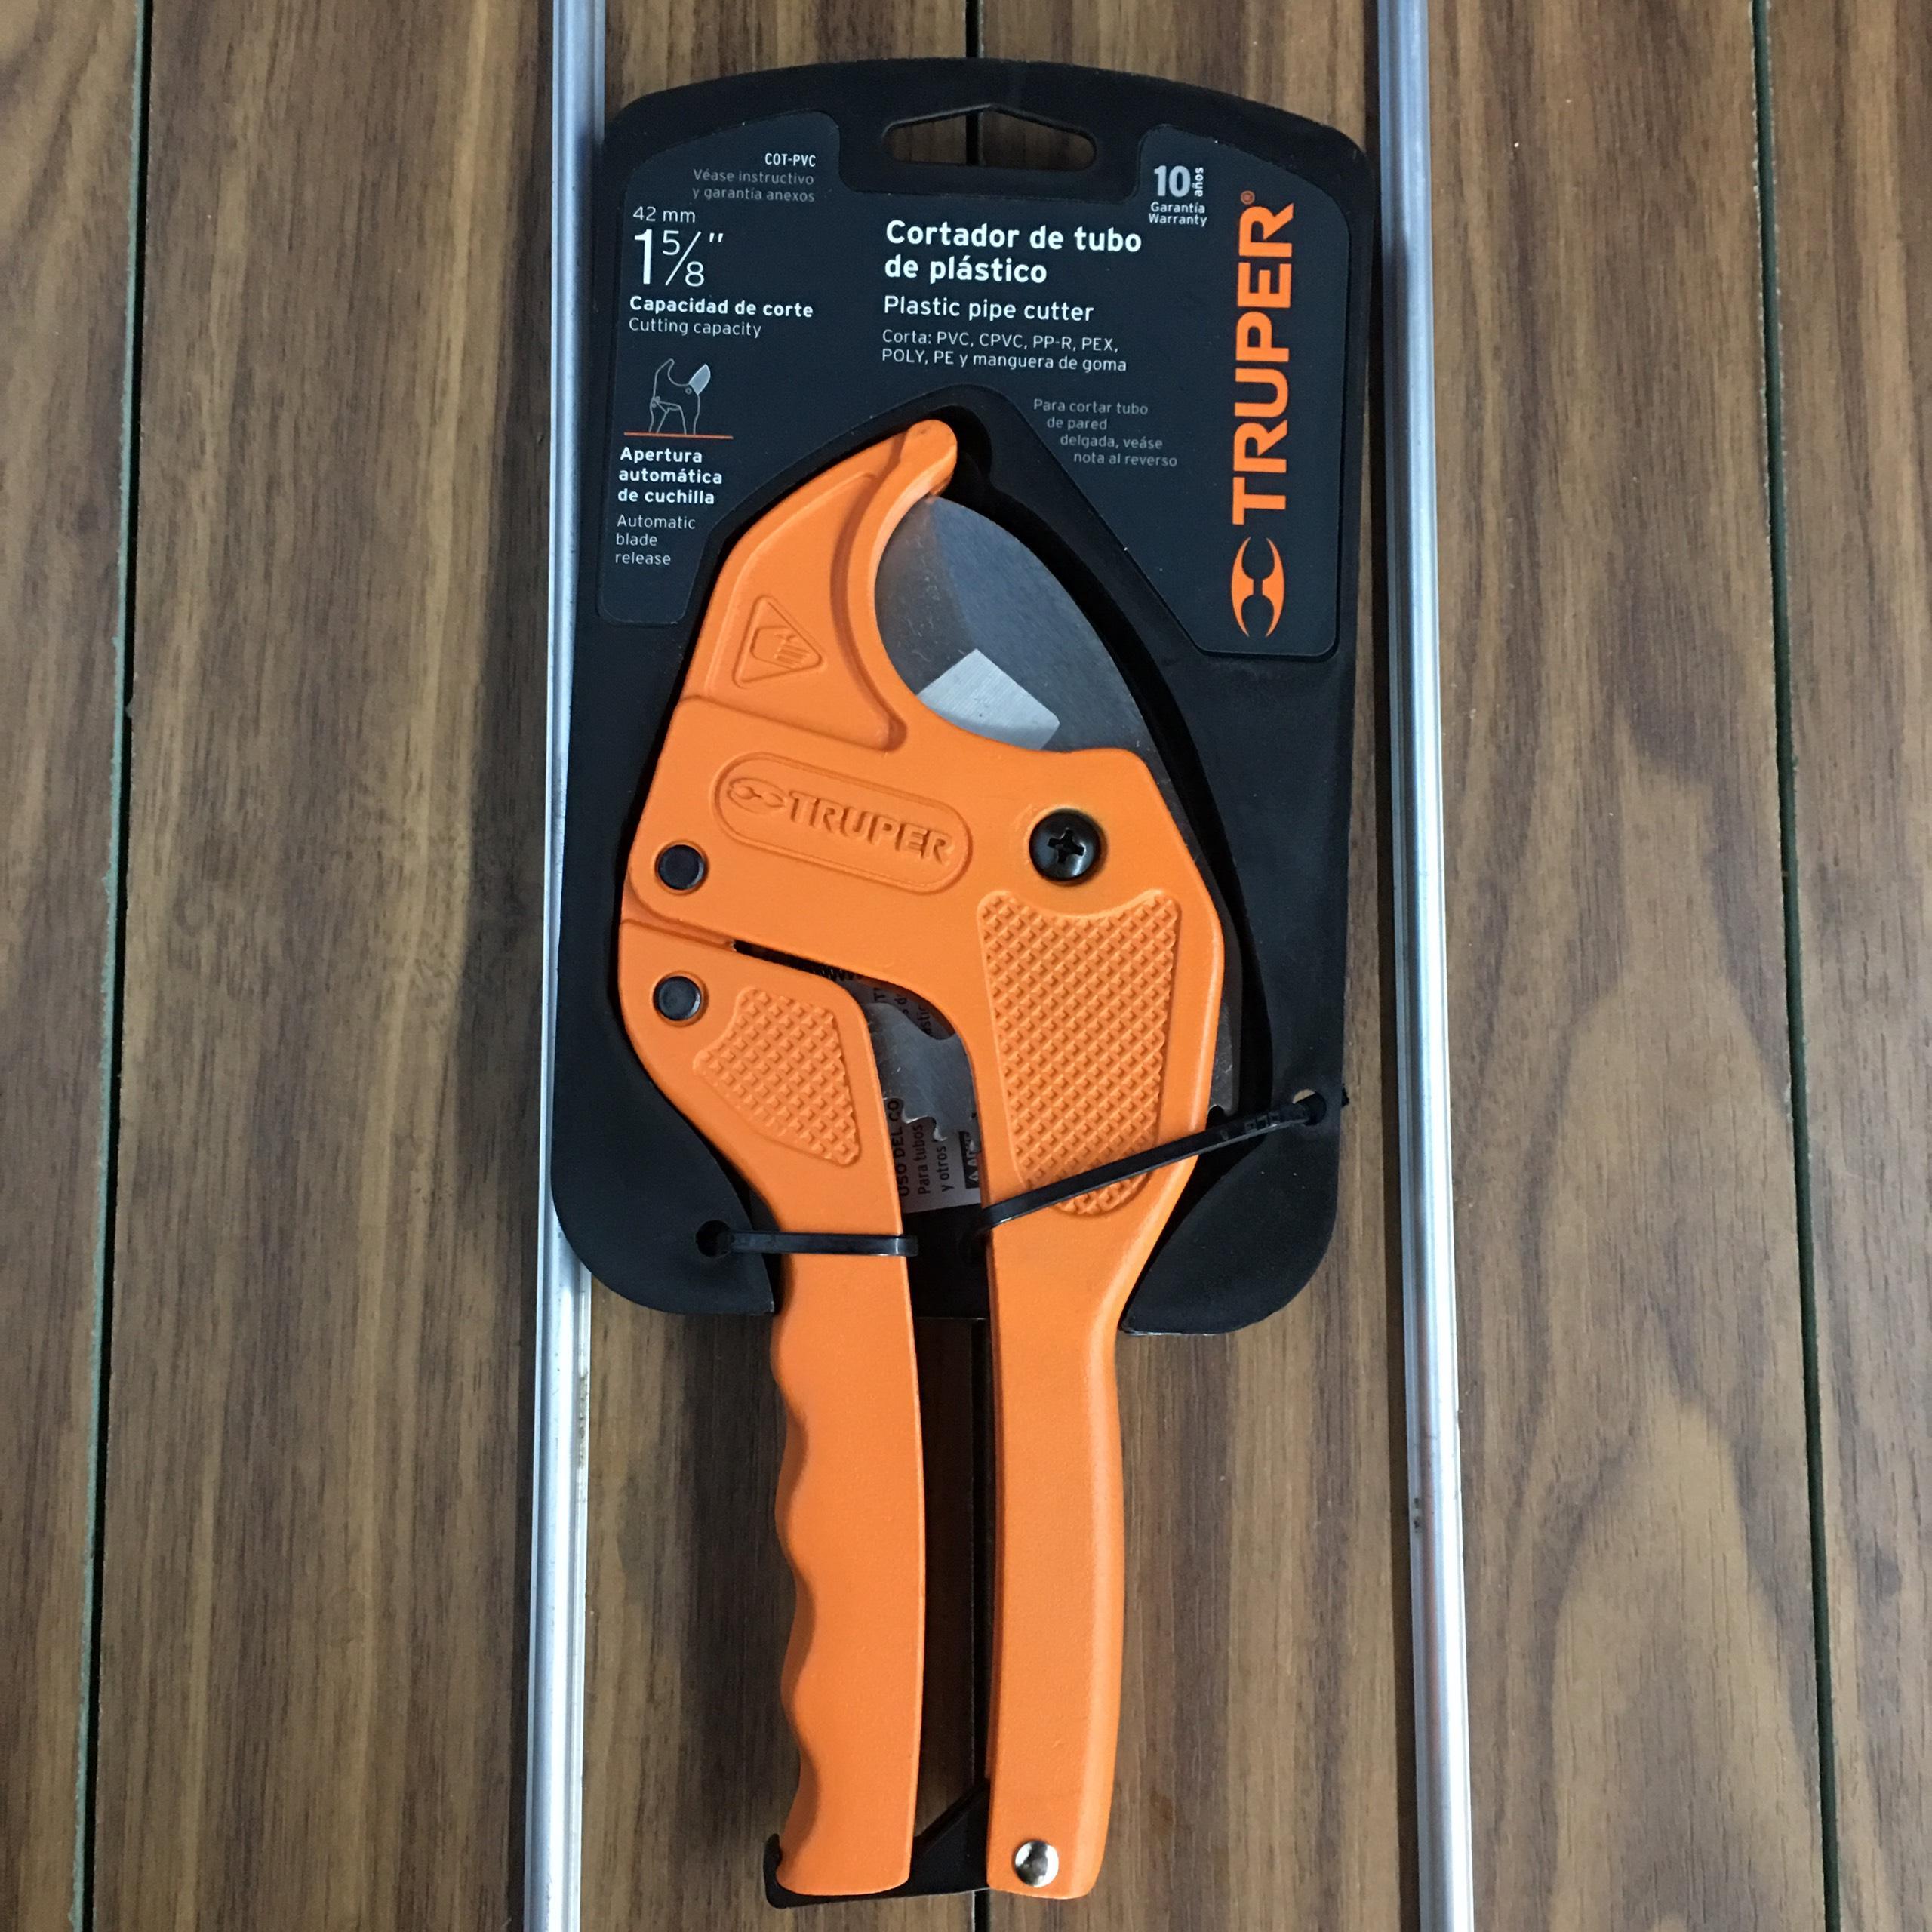 1inch5/8 (42mm) Kéo cắt ống nhựa PVC Truper 12860 (COT-PVC)